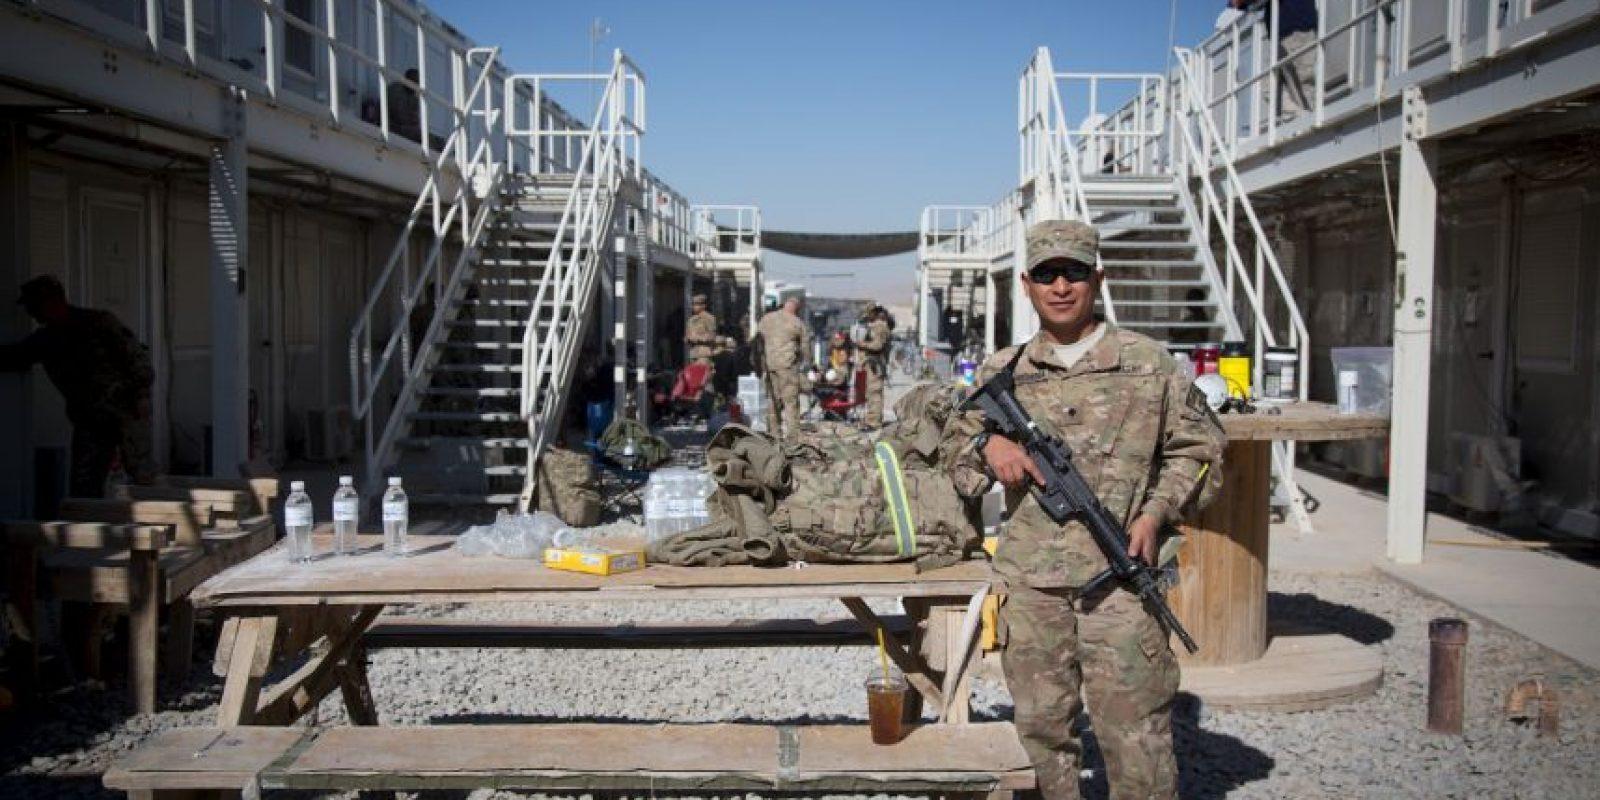 La guerra se dio en respuesta a los atentados del 11 de septiembre en Estados Unidos. Foto:Getty Images